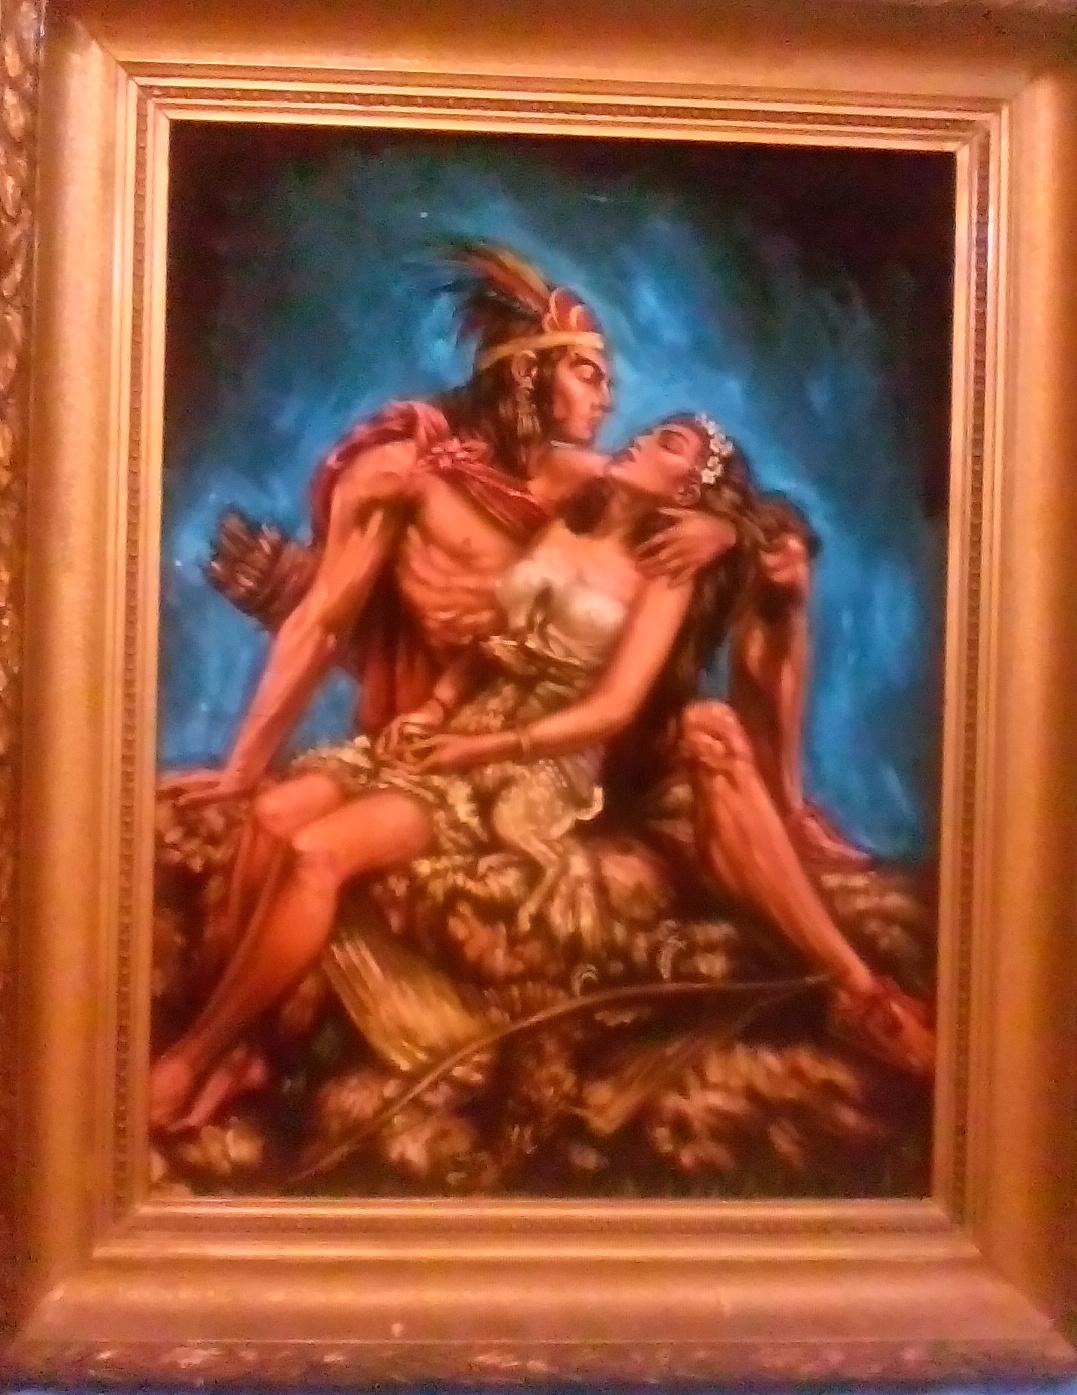 Влюбленная пара американский индеец с девушкой на руках 70-85 см., бархат черный, масло 1950е  - 2